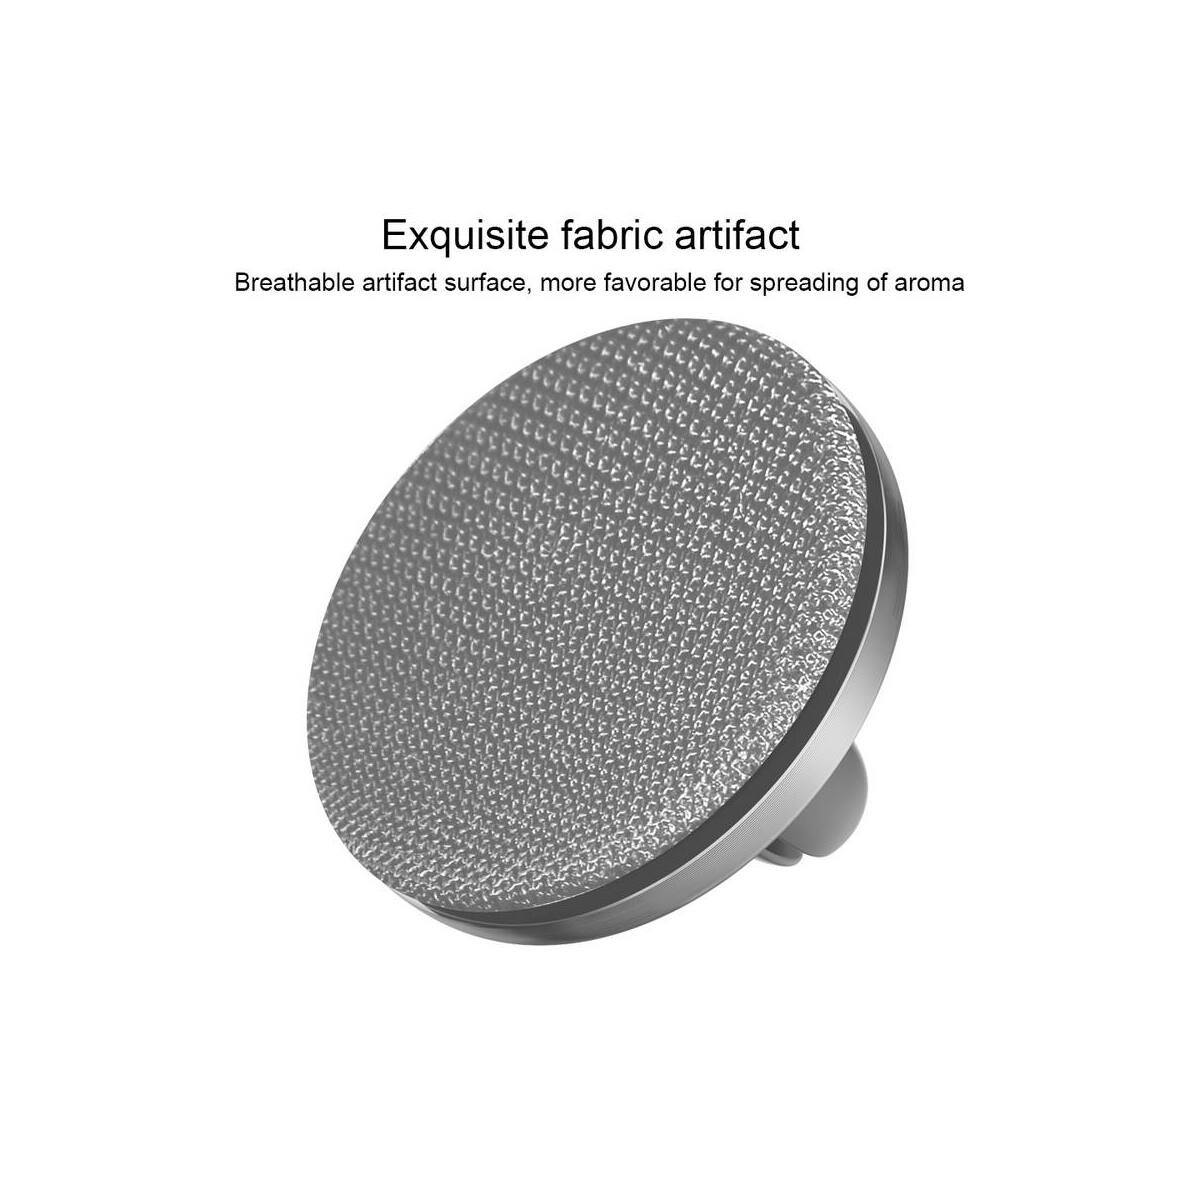 Baseus autós illatosító, Fabric Artifact, ezüst (SUXUN-BY0G)